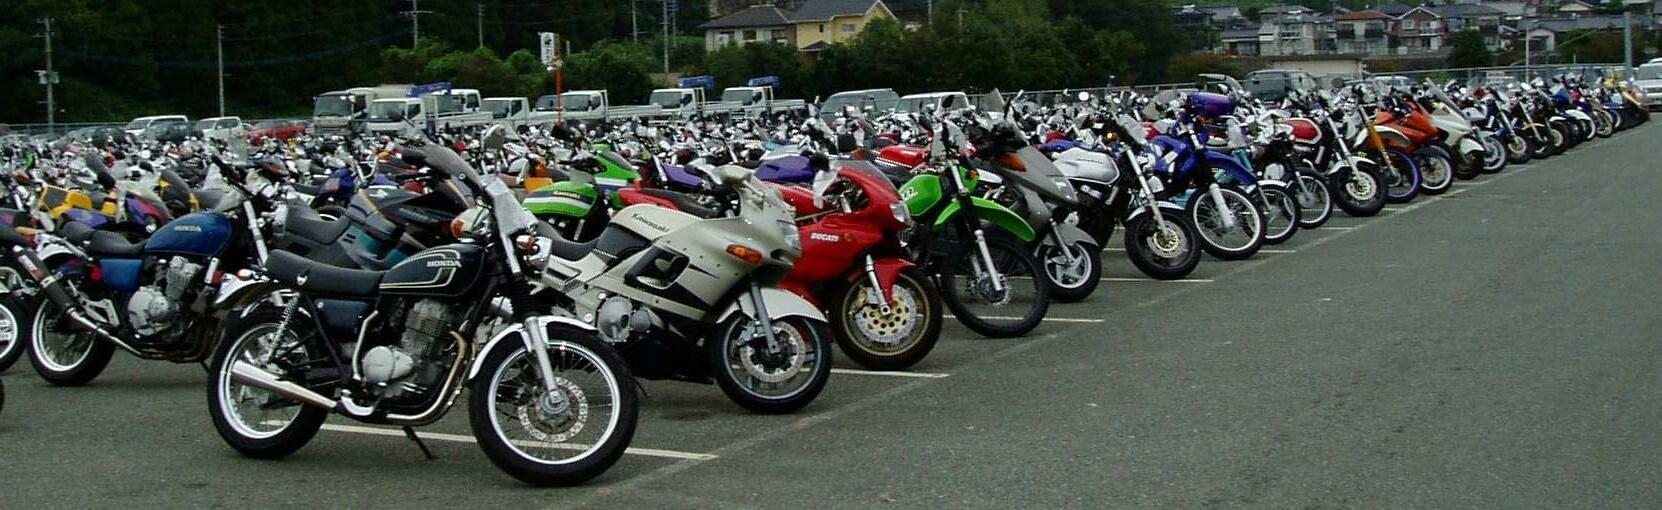 Продать мотоцикл в карпрайс